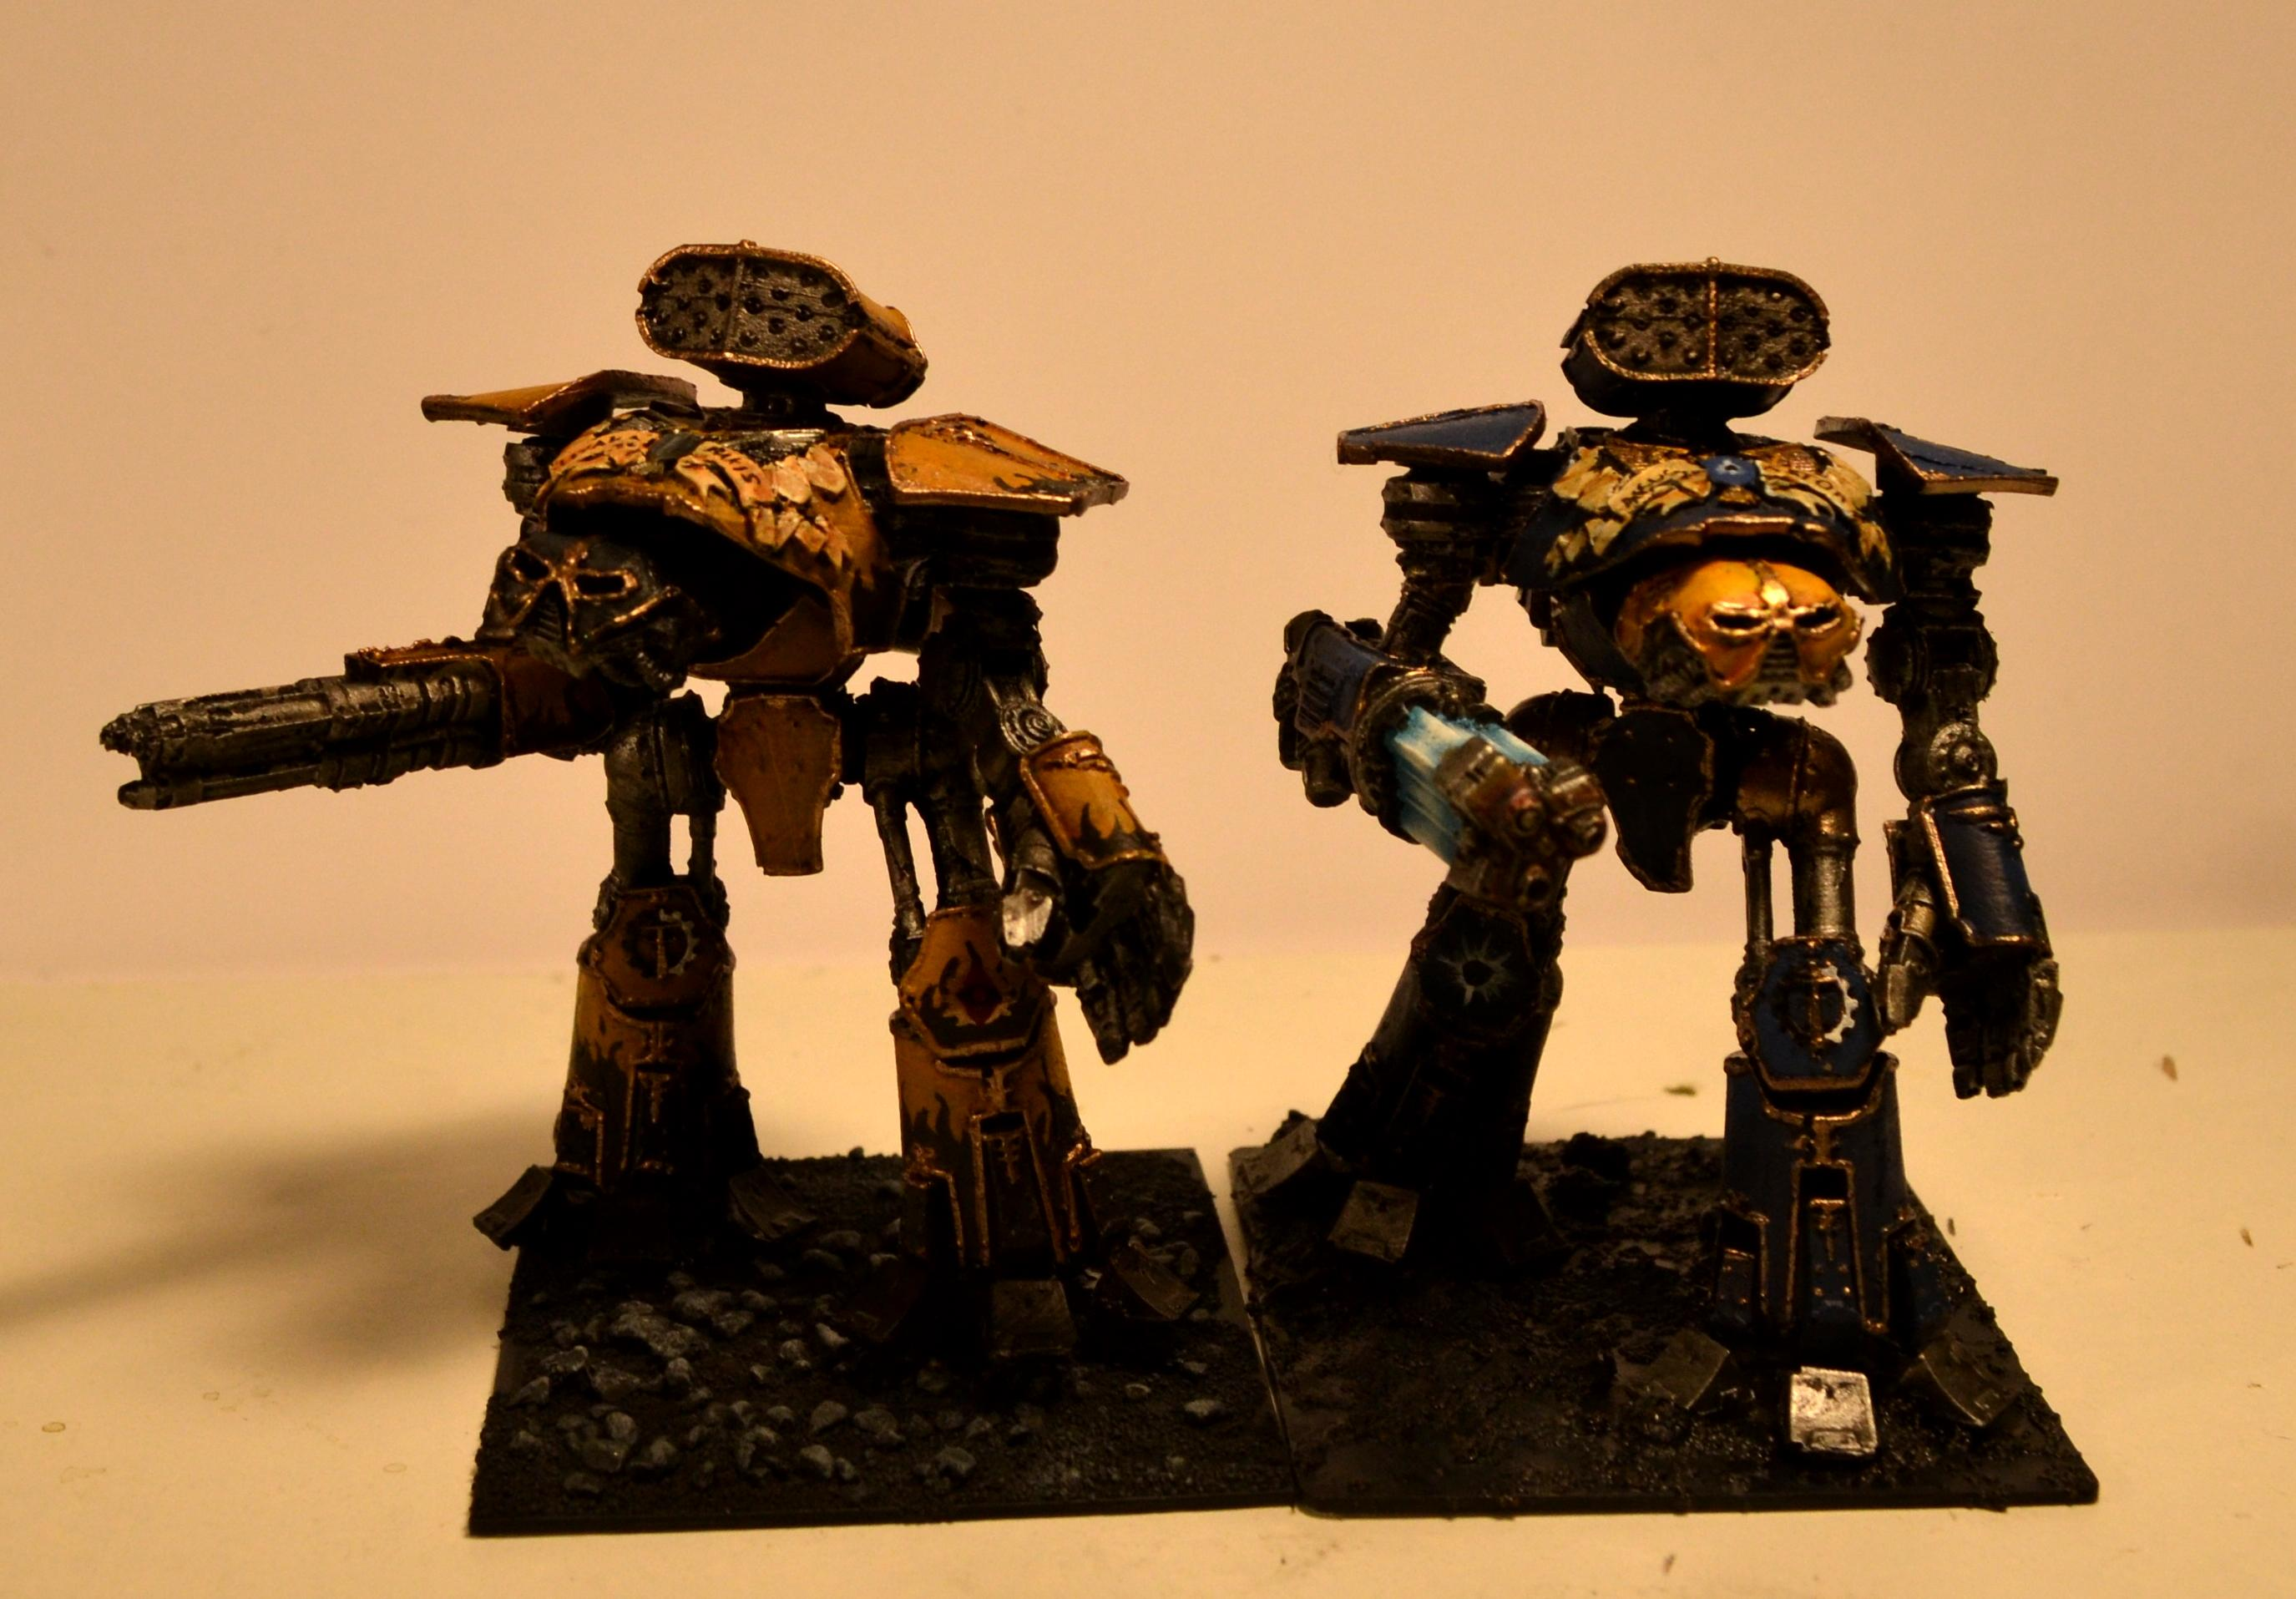 Adeptus Titanicus, Heresy, Legio, Reaver, Titan